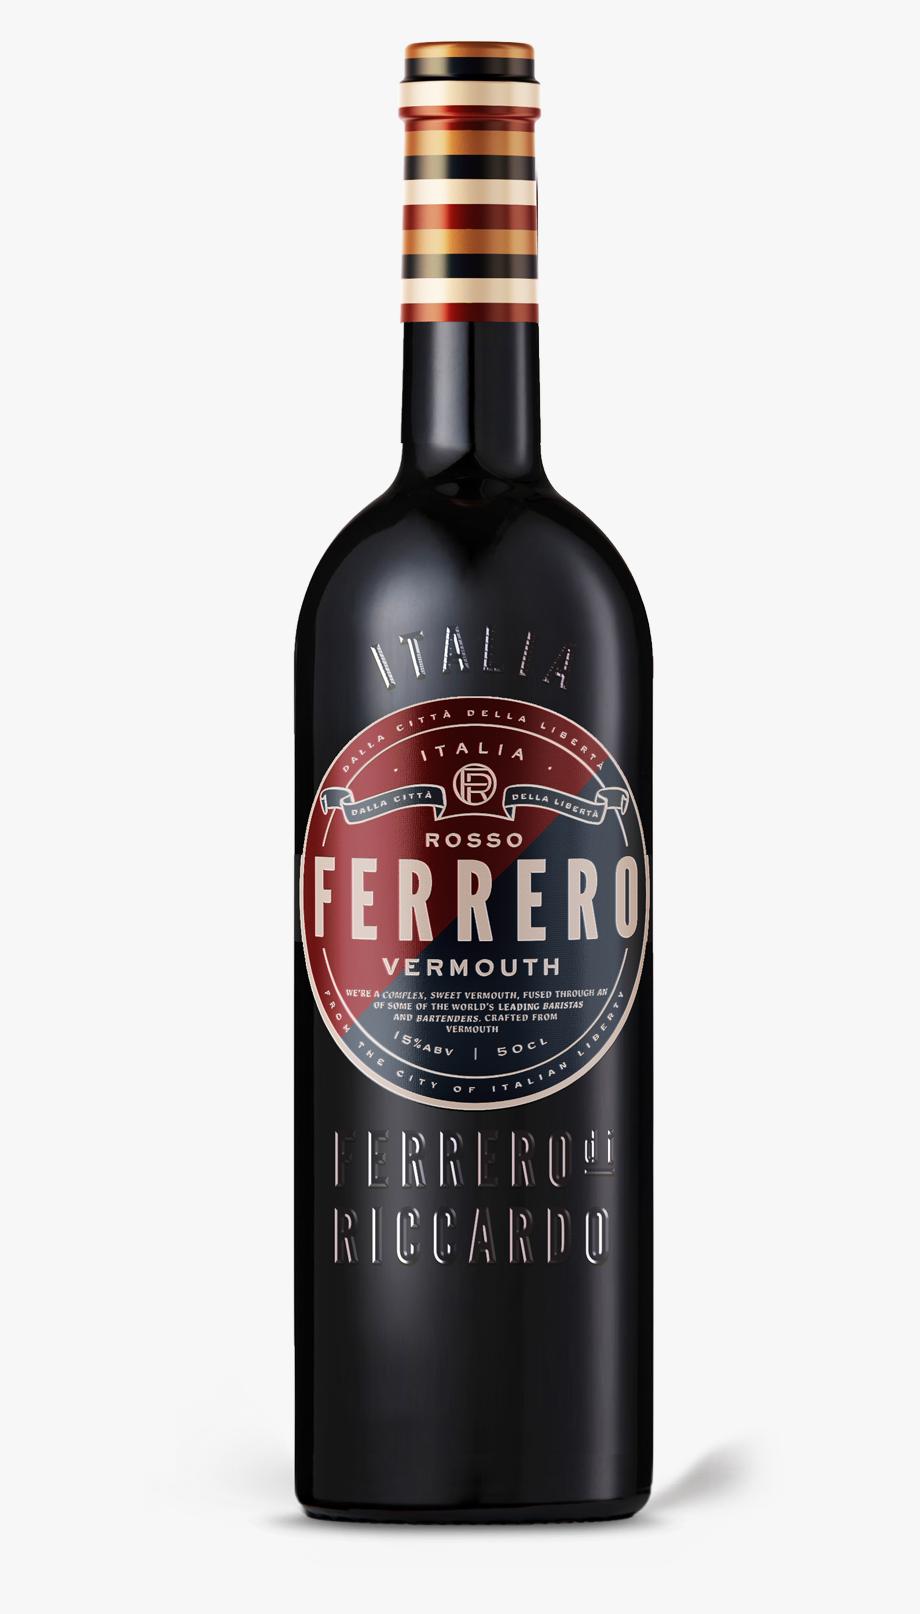 Ferrero Di Riccardo.